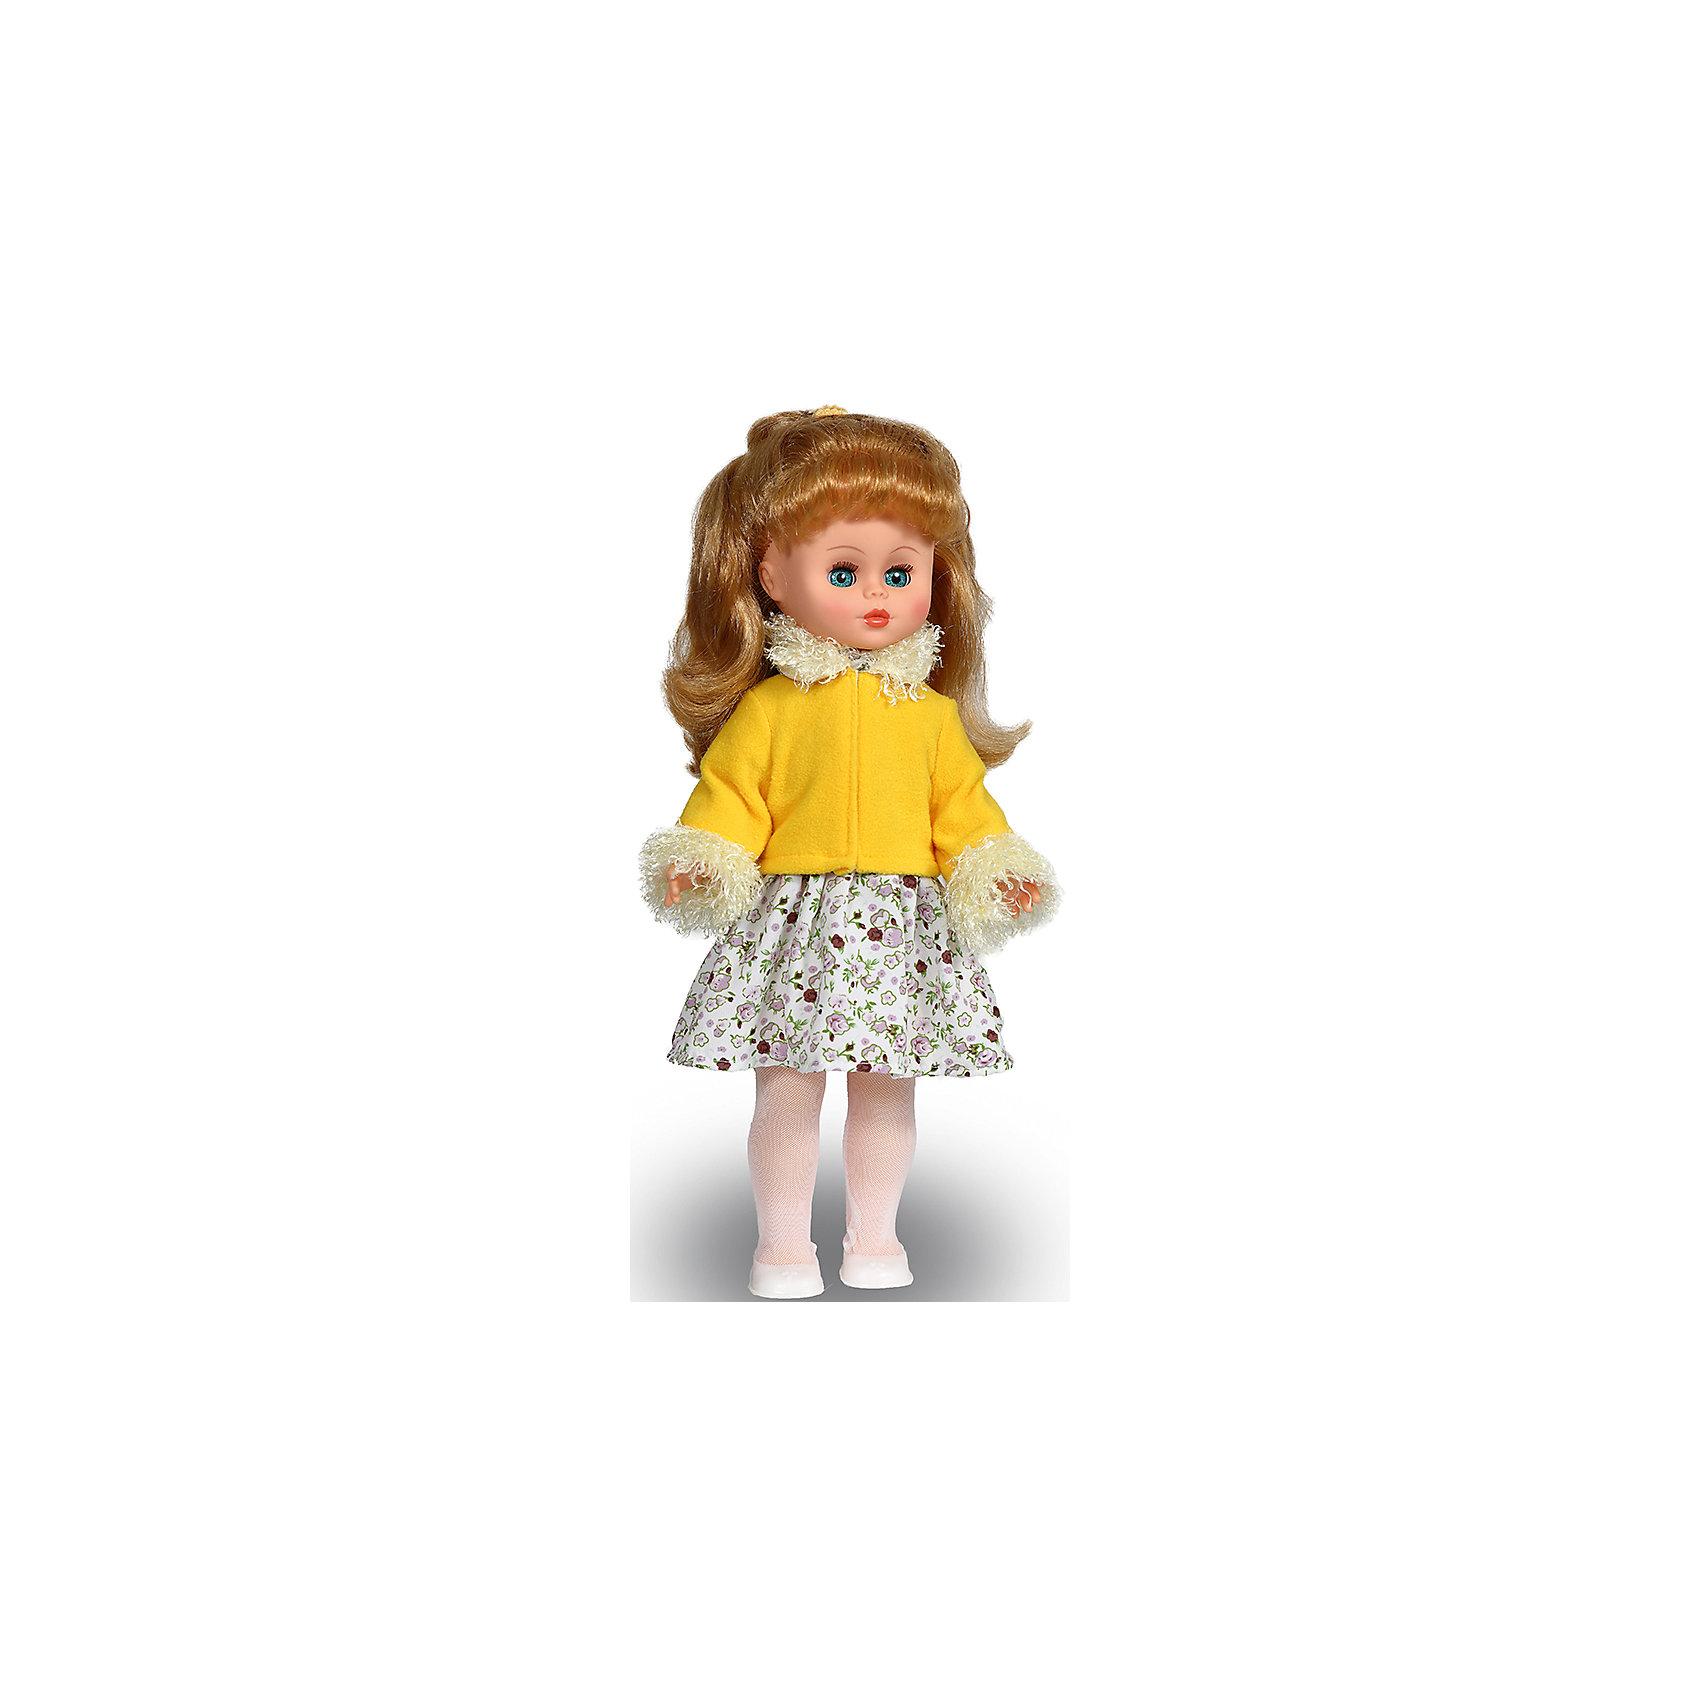 Кукла Оля 15, со звуком, ВеснаКлассические куклы<br>Кукла для девочки - это не только игрушка, с которой можно весело провести время, кукла - это возможность отрабатывать навыки поведения в обществе, учиться заботе о других, делать прически и одеваться согласно моде и поводу.<br>Эта красивая классическая кукла не только эффектно выглядит, она дополнена звуковым модулем! Игрушка модно одета и снабжена аксессуарами. Такая кукла запросто может стать самой любимой игрушкой! Произведена из безопасных для ребенка и качественных материалов.<br><br>Дополнительная информация:<br><br>цвет: разноцветный;<br>материал: пластик, текстиль;<br>комплектация: кукла, одежда, аксессуары;<br>высота: 44 см.<br><br>Куклу Оля 15, со звуком, от компании Весна можно купить в нашем магазине.<br><br>Ширина мм: 490<br>Глубина мм: 210<br>Высота мм: 130<br>Вес г: 550<br>Возраст от месяцев: 36<br>Возраст до месяцев: 120<br>Пол: Женский<br>Возраст: Детский<br>SKU: 4642018